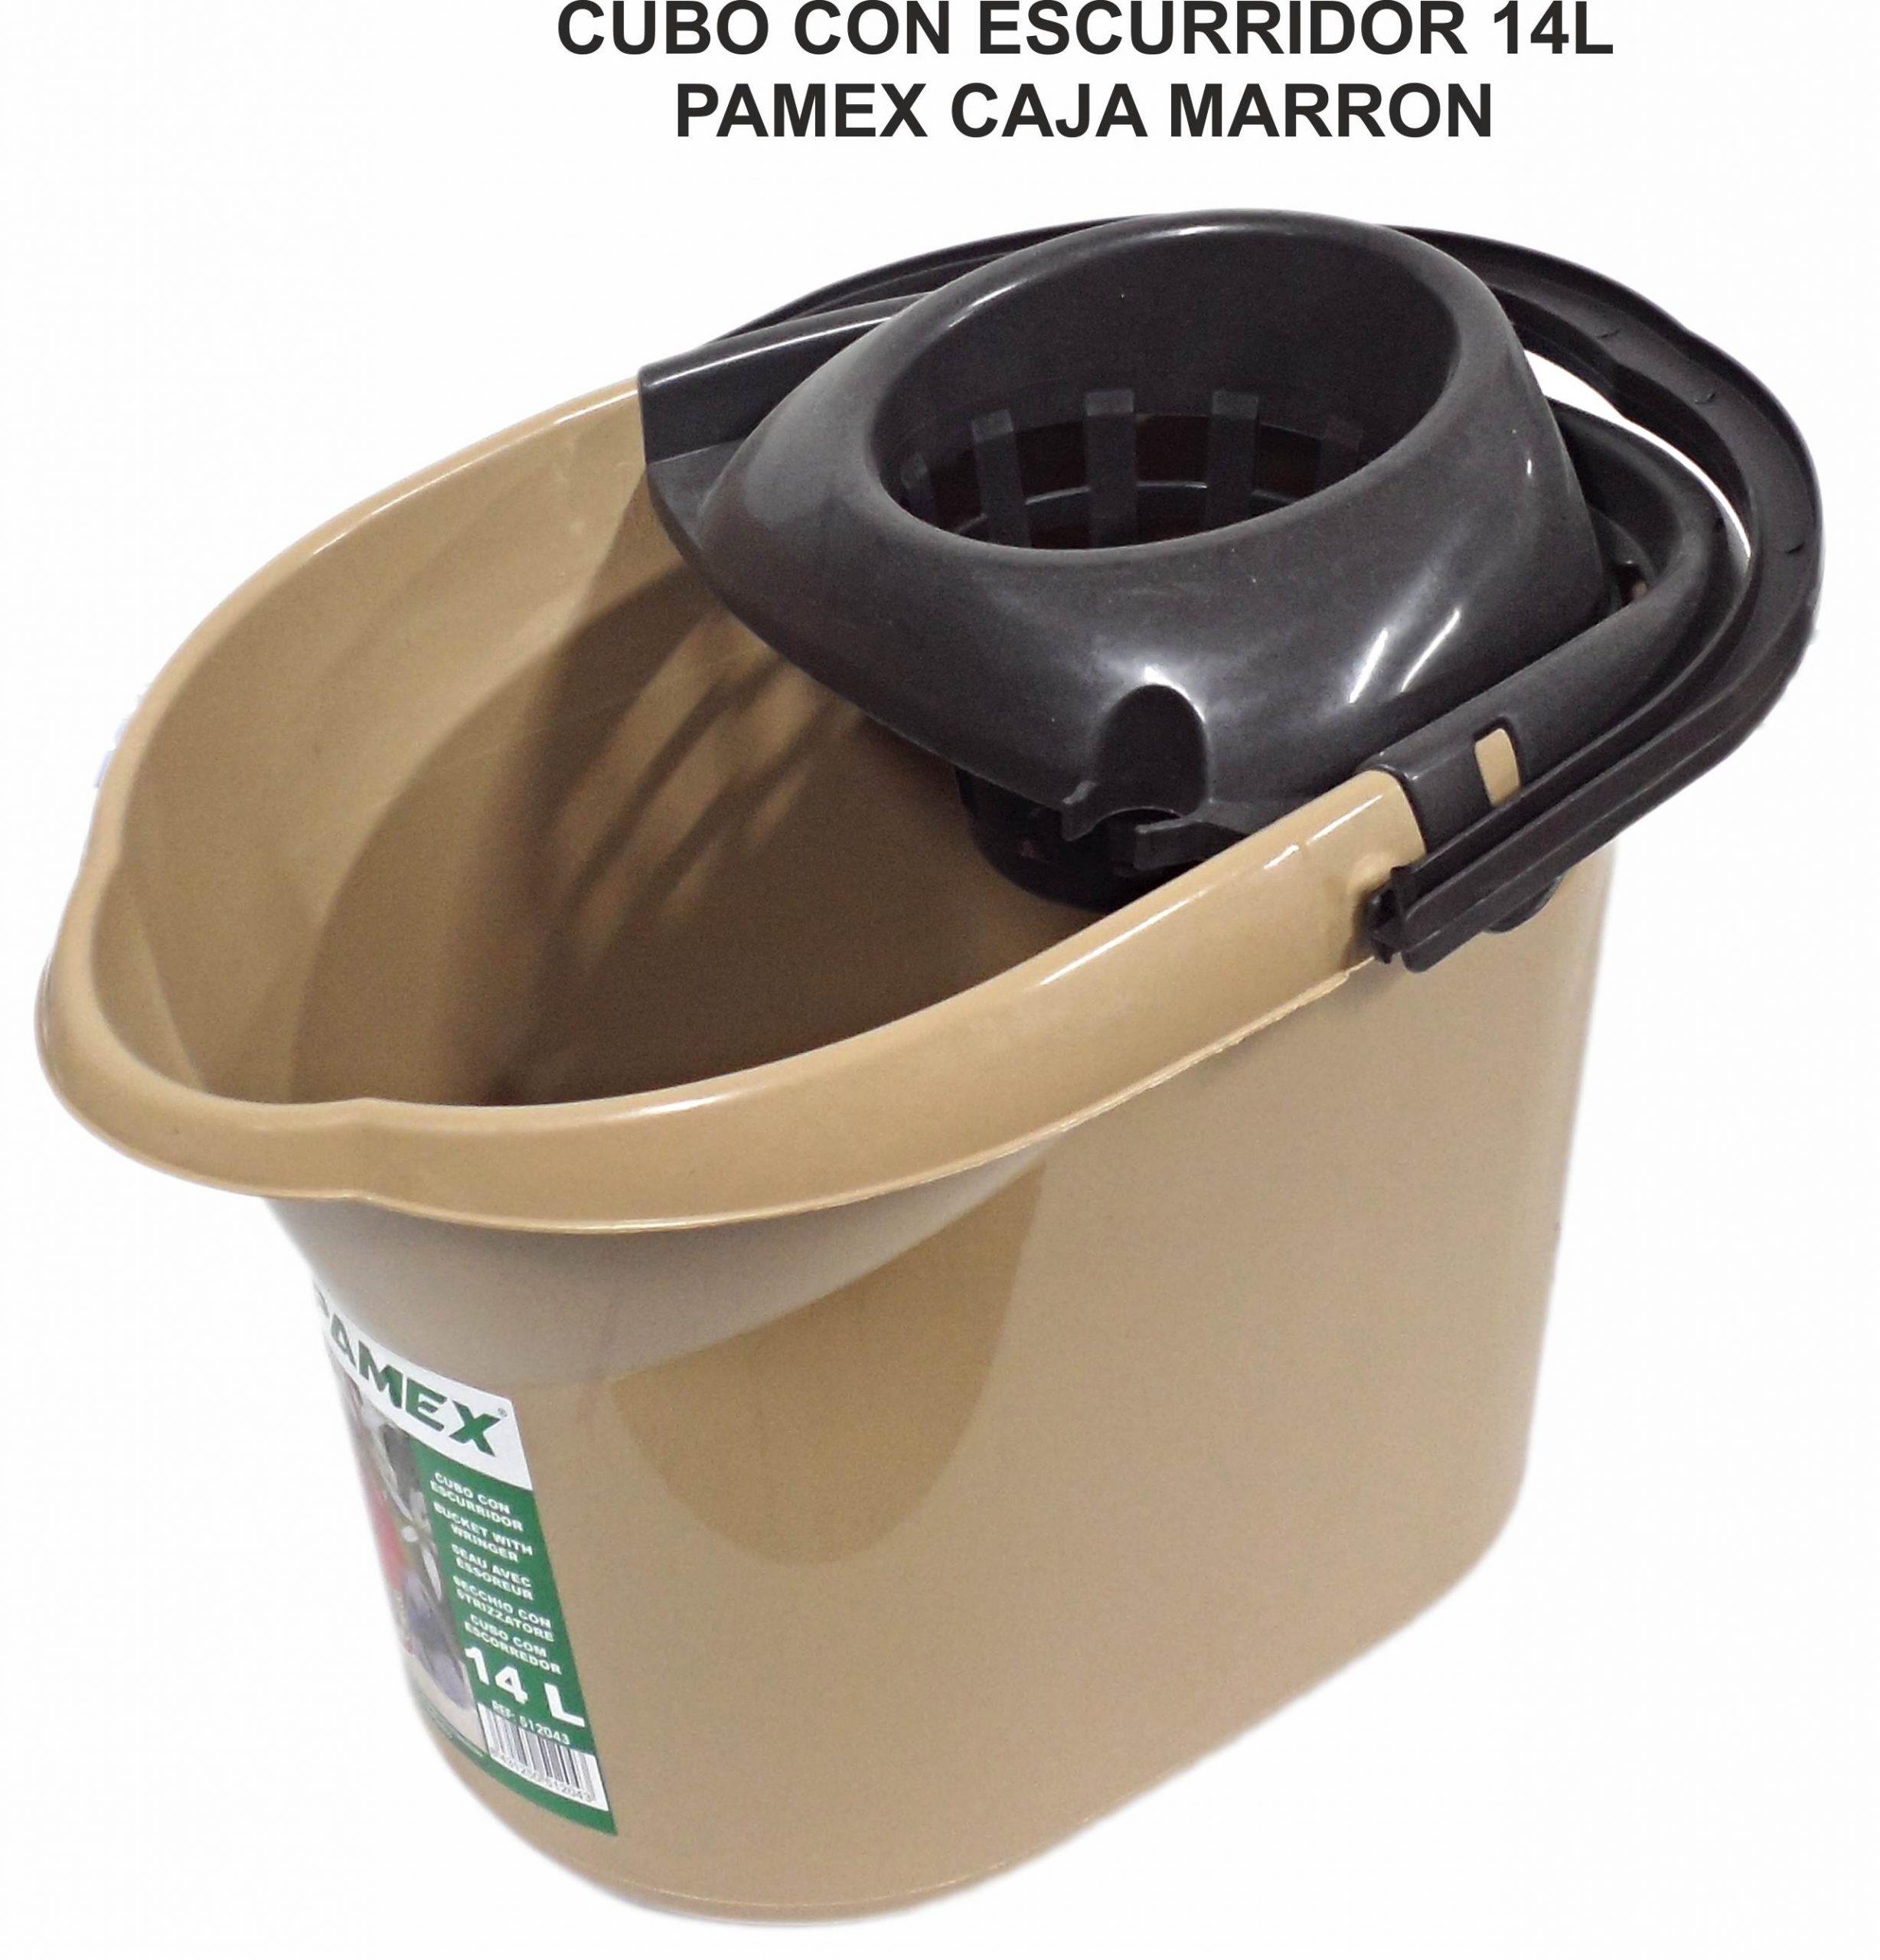 CUBO CON ESCURRIDOR 14 L PAMEX CAJA MARRON